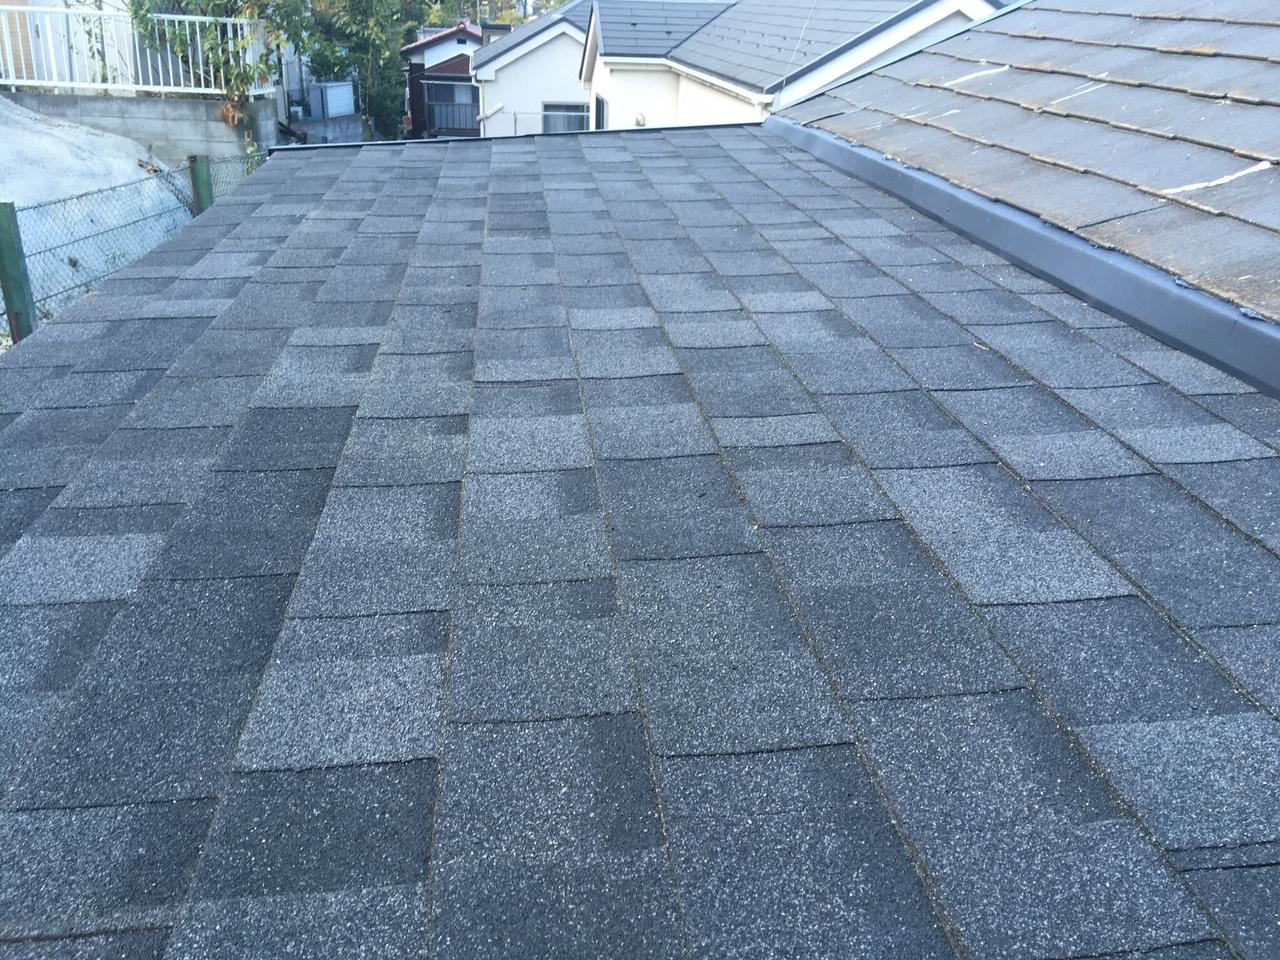 川崎市宮前区で屋根張替え工事を行いました